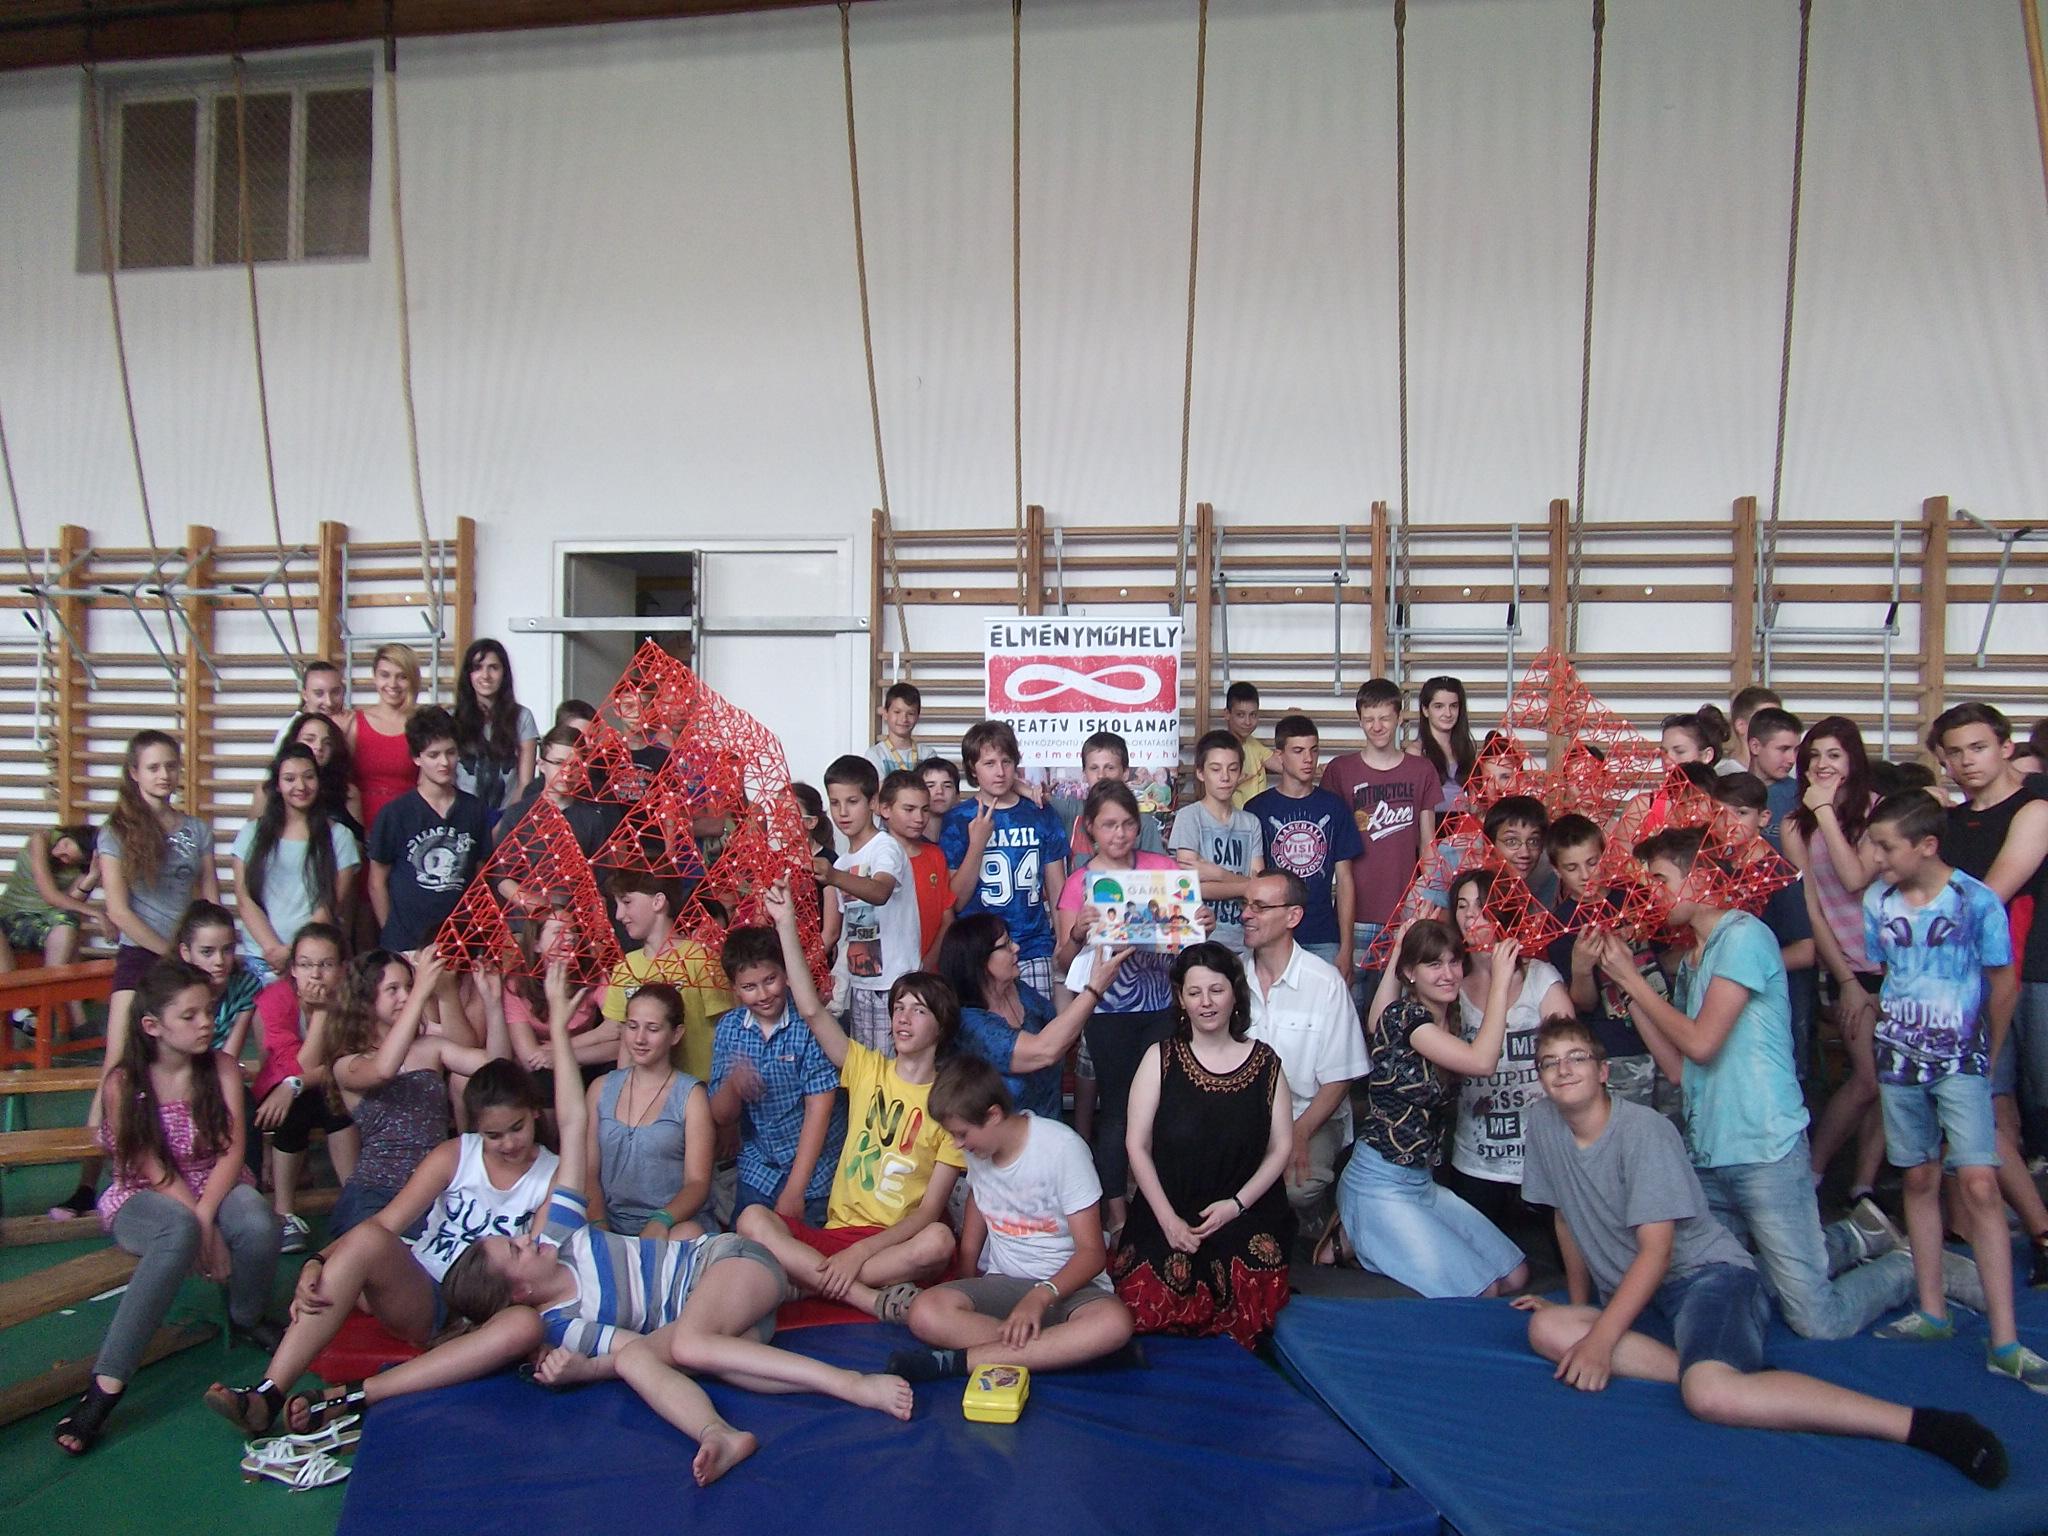 Óriási élmény volt! 4dFrame-óriásfraktál építés több mint 100 diák részvételével Szentendrén